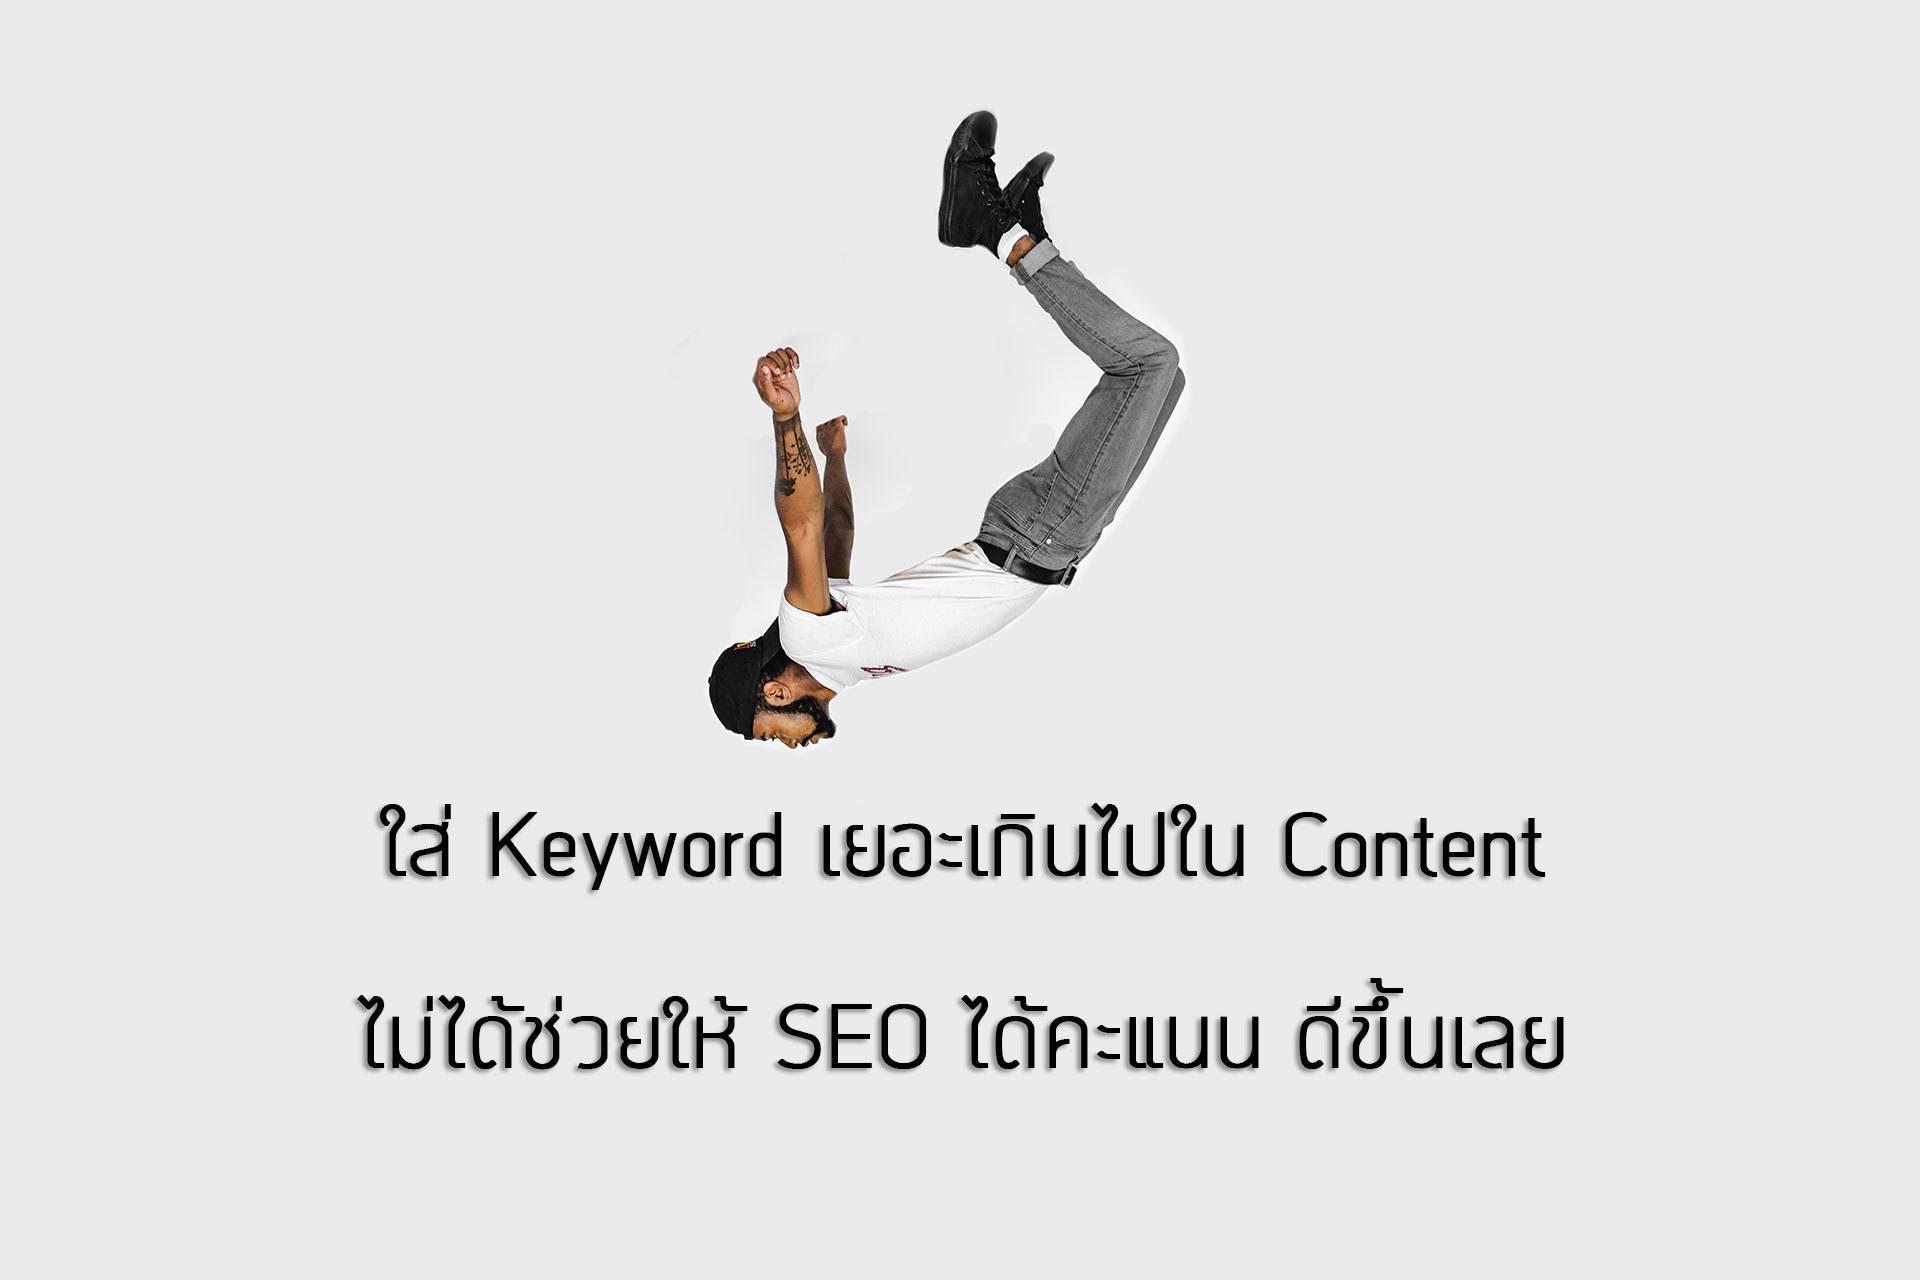 ใส่ Keyword จำนวนมากใน Content ไม่ได้ช่วยให้ SEO ได้คะแนนดีเสมอไป